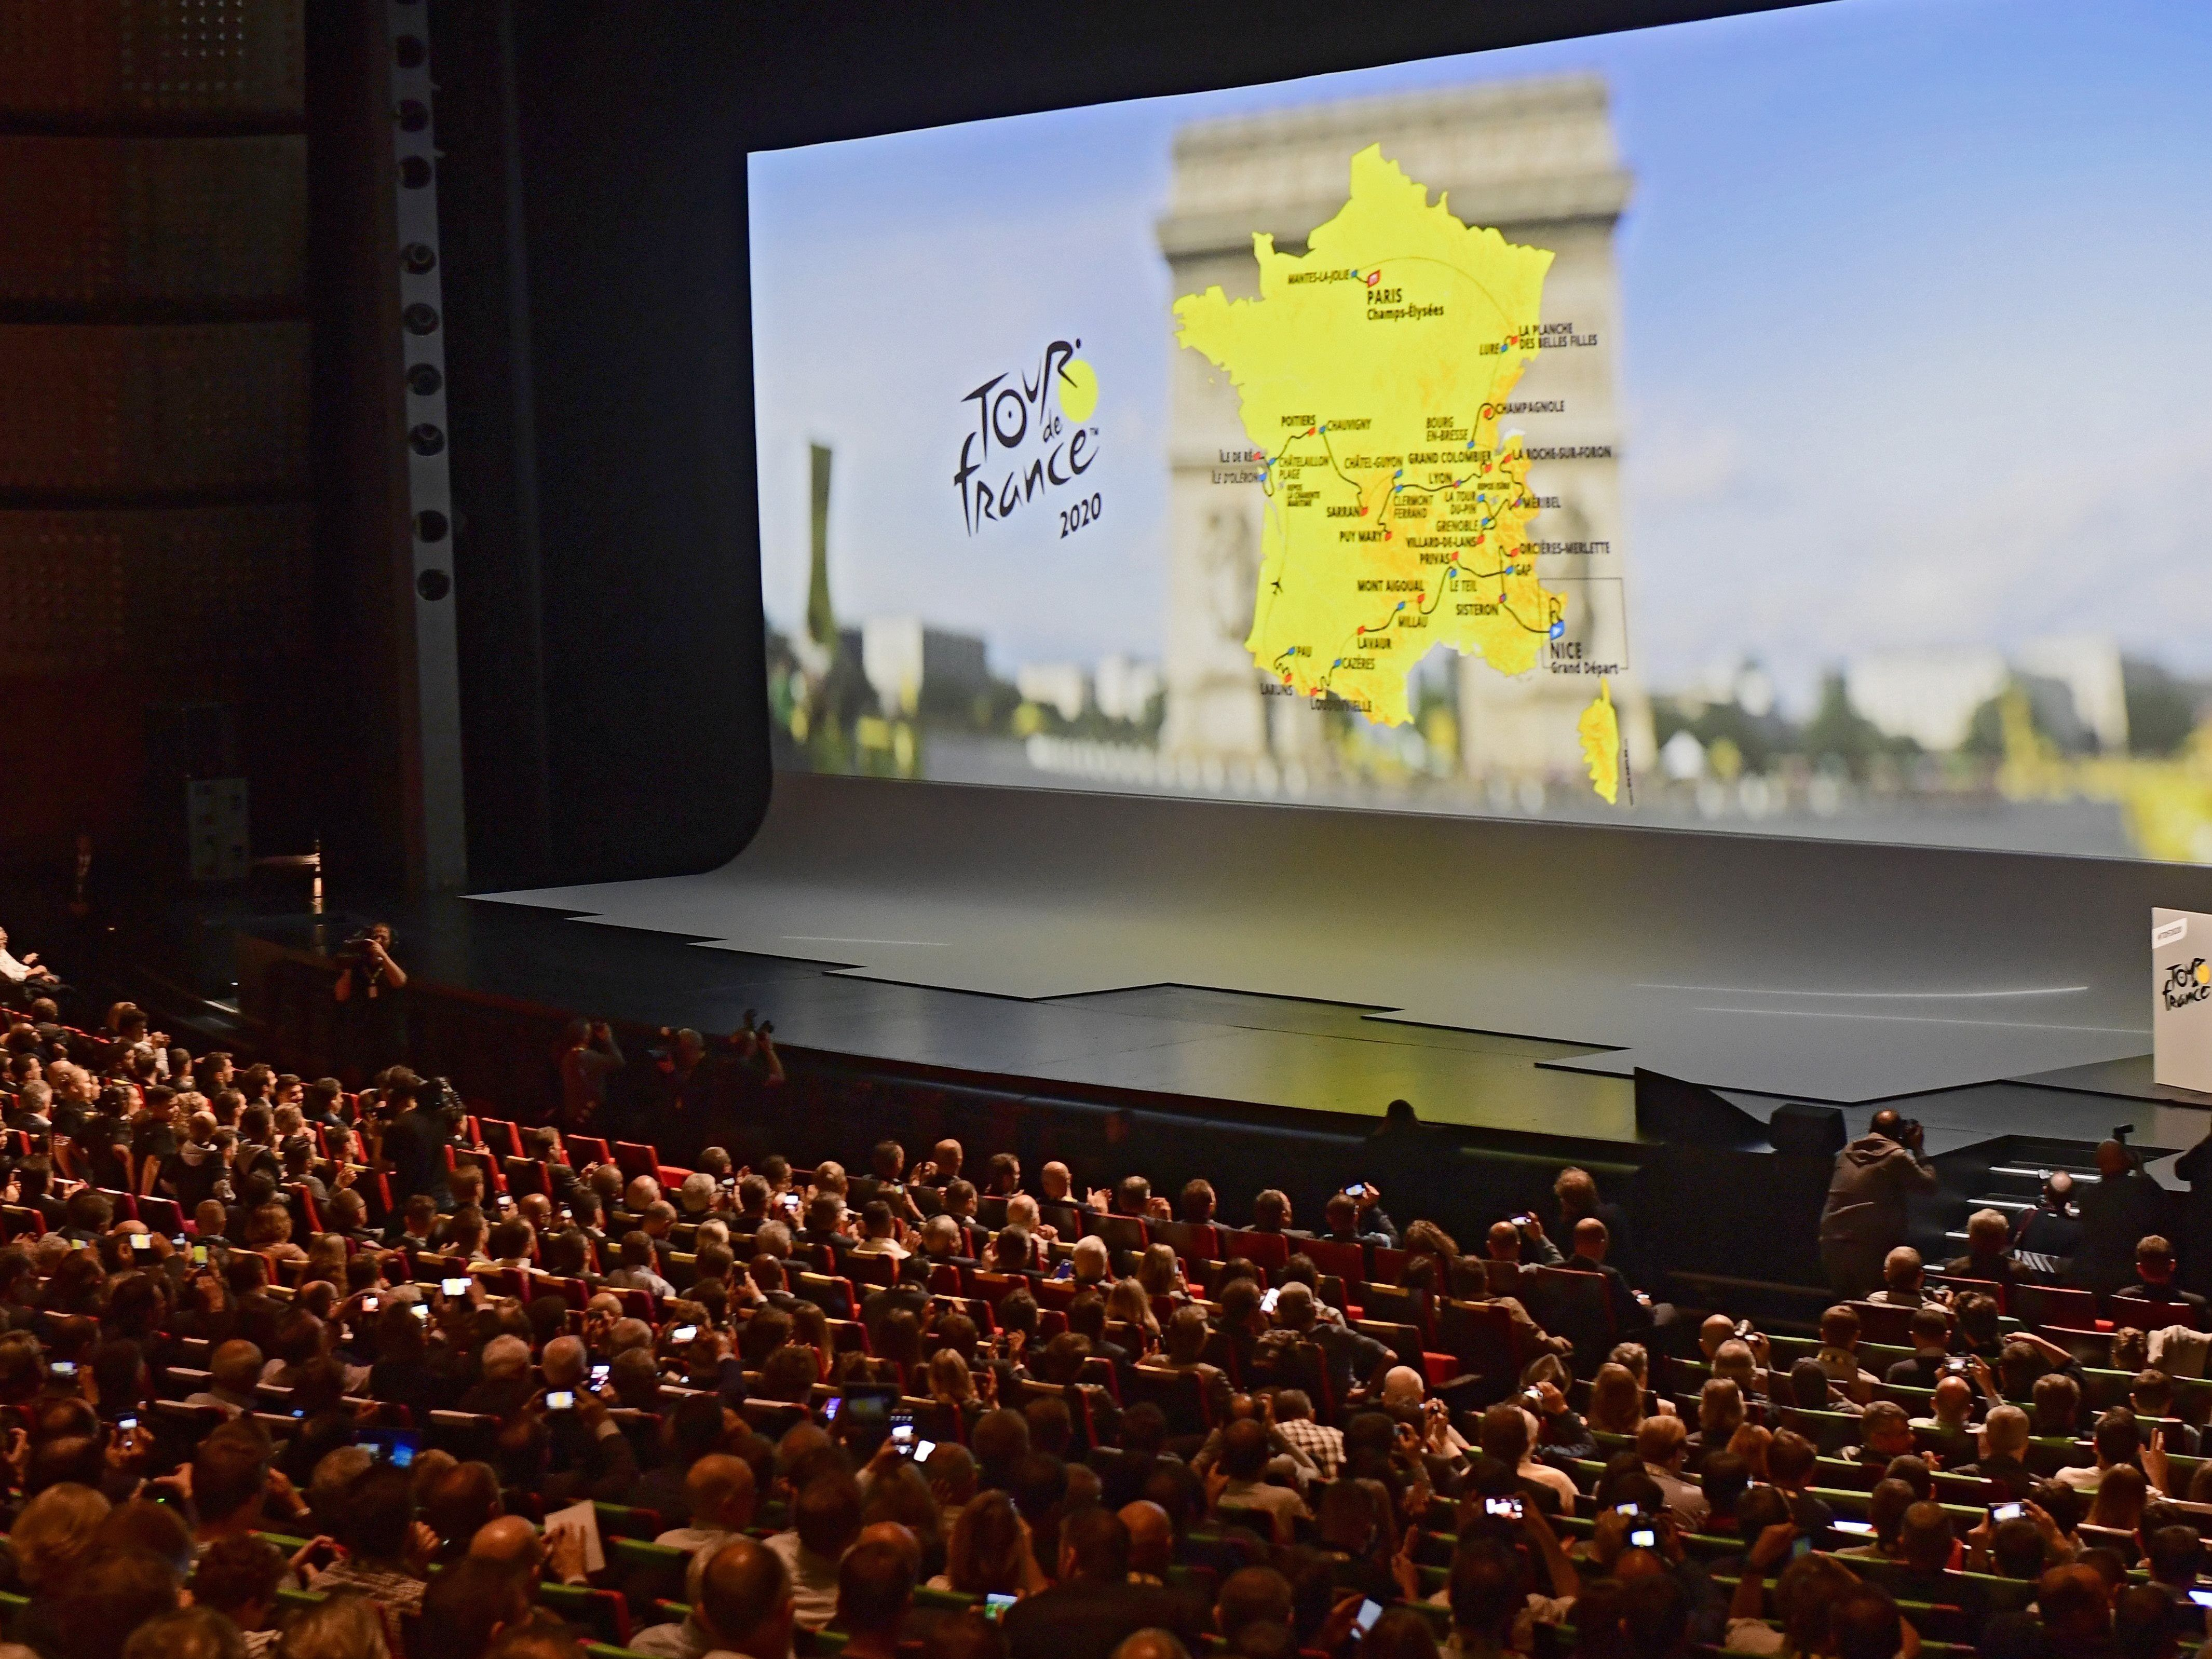 Großes Kino: Die Vorstellung der 21 Etappen der Tour de France